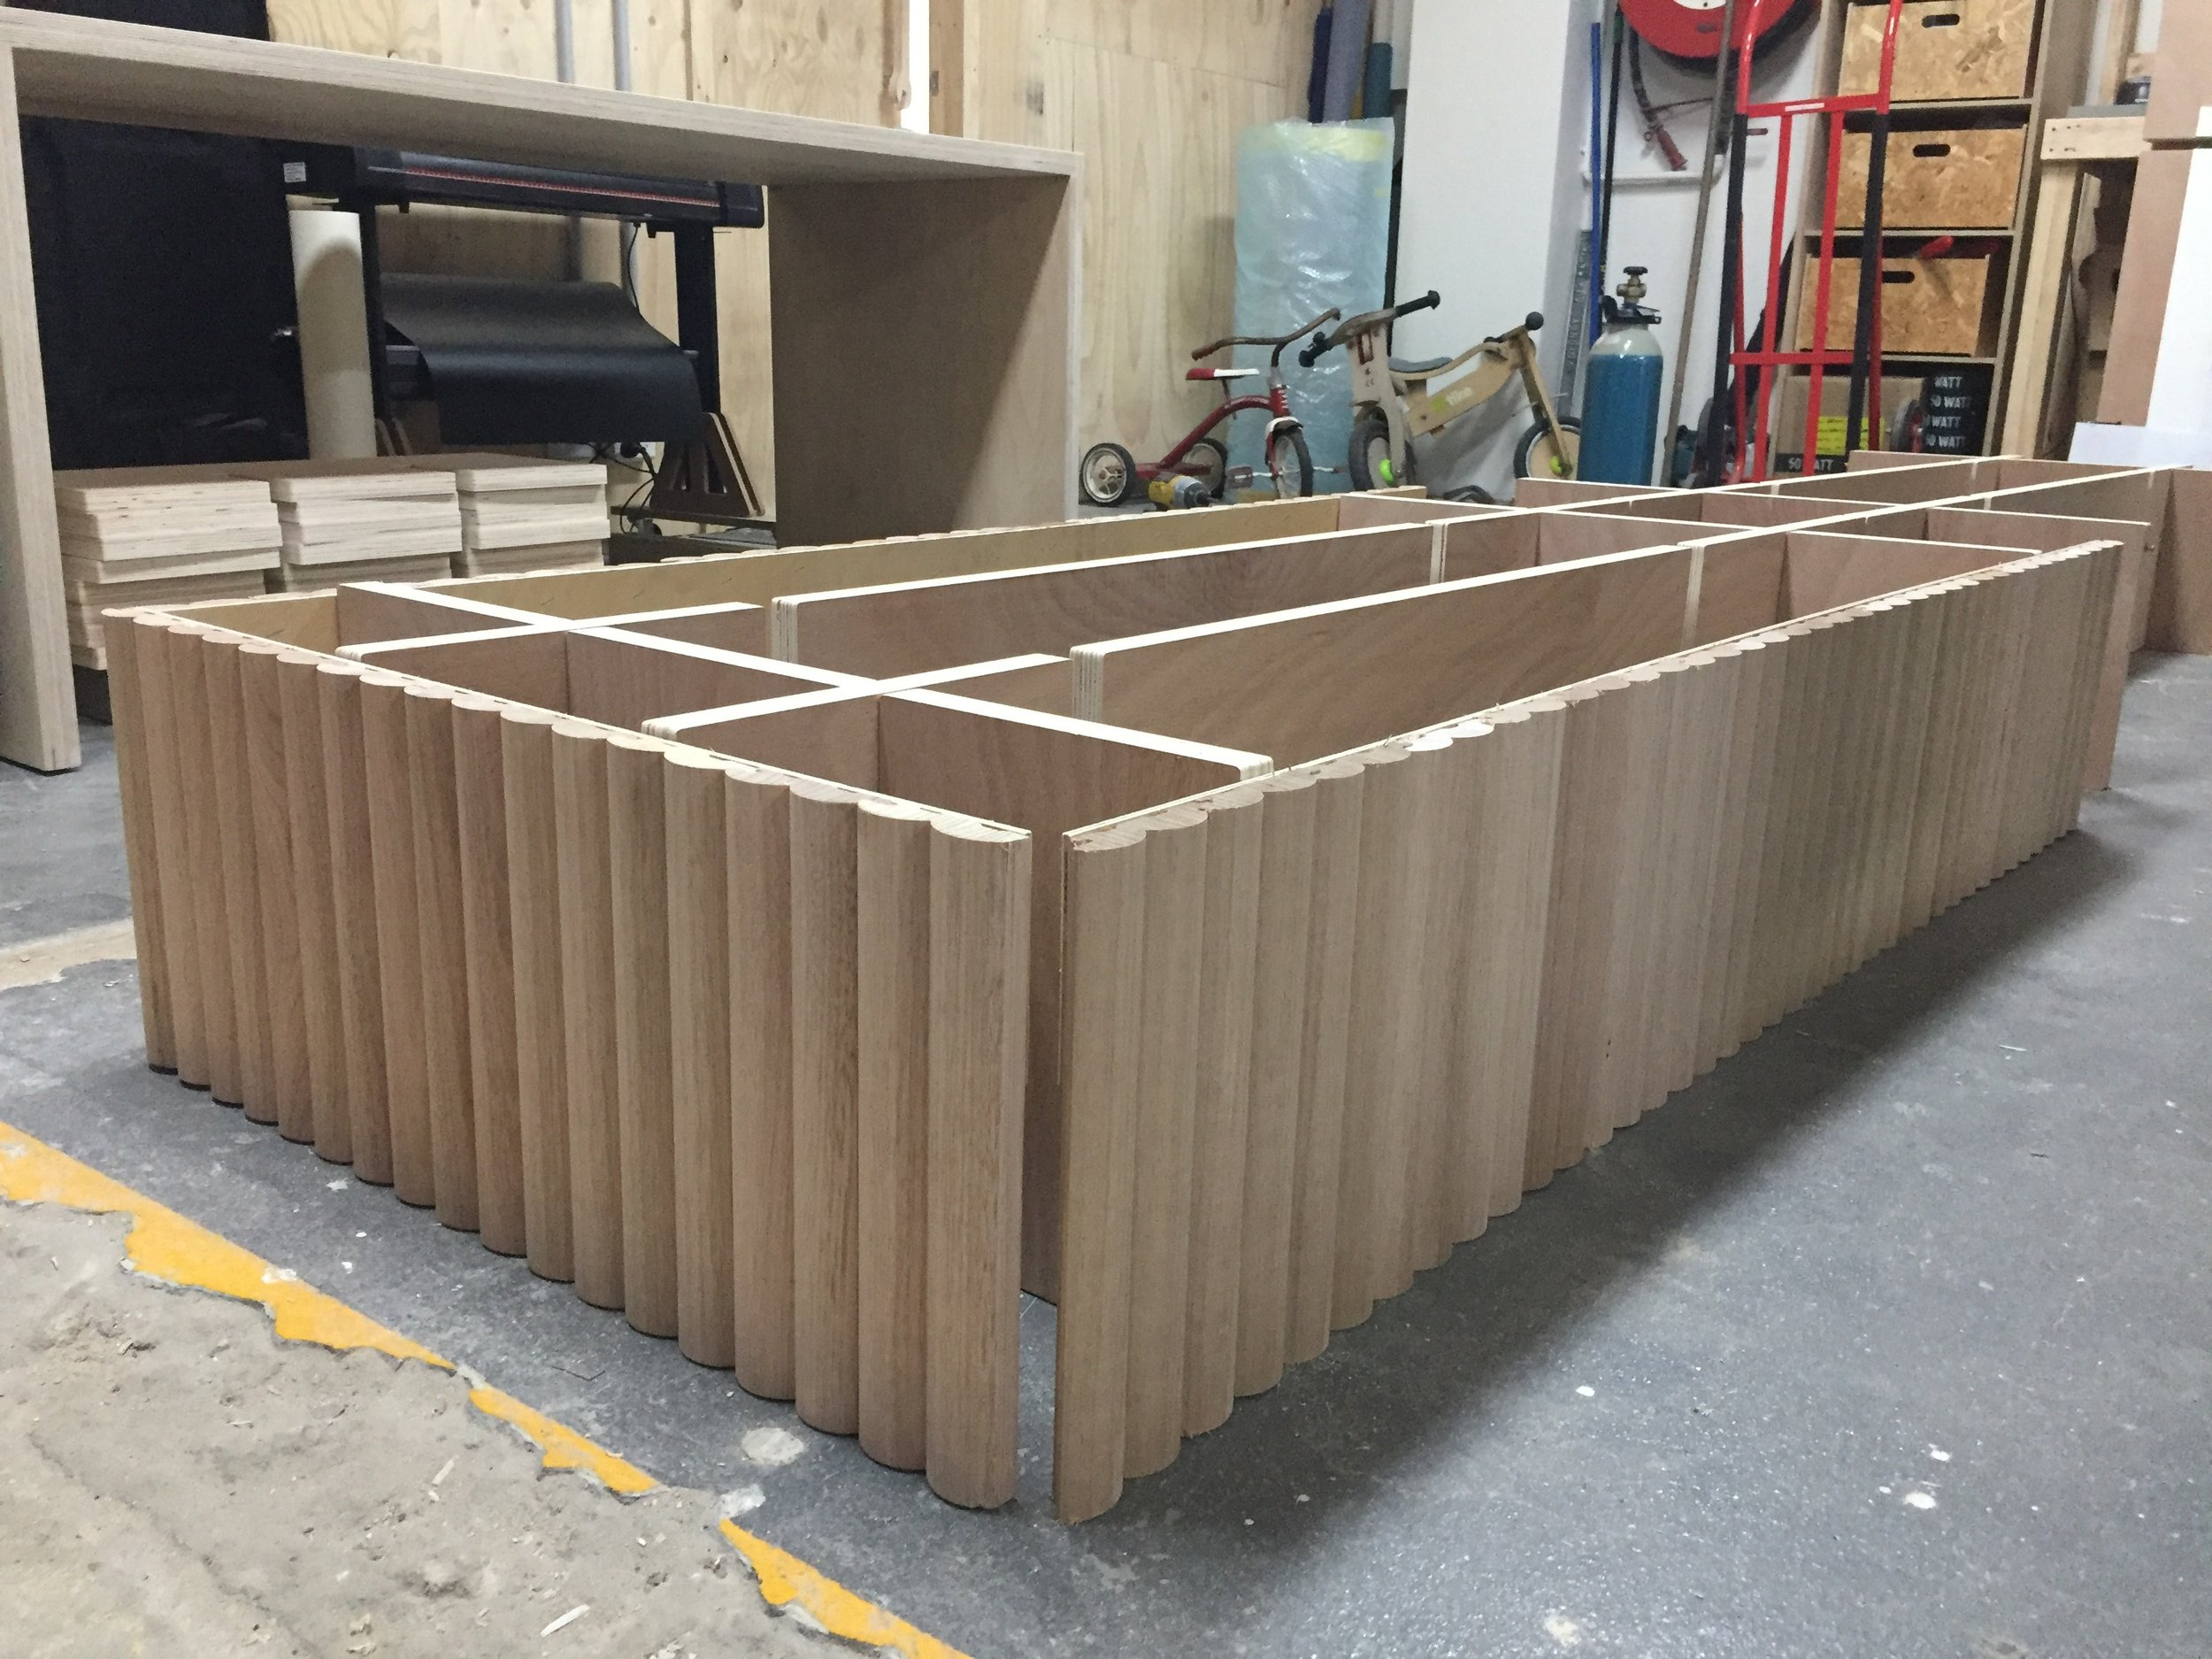 SoWatt-WIP-Oak-Dowel-Plywood-Flat-Pack-Shelving-Koala_Mattress-Myer-04.JPG